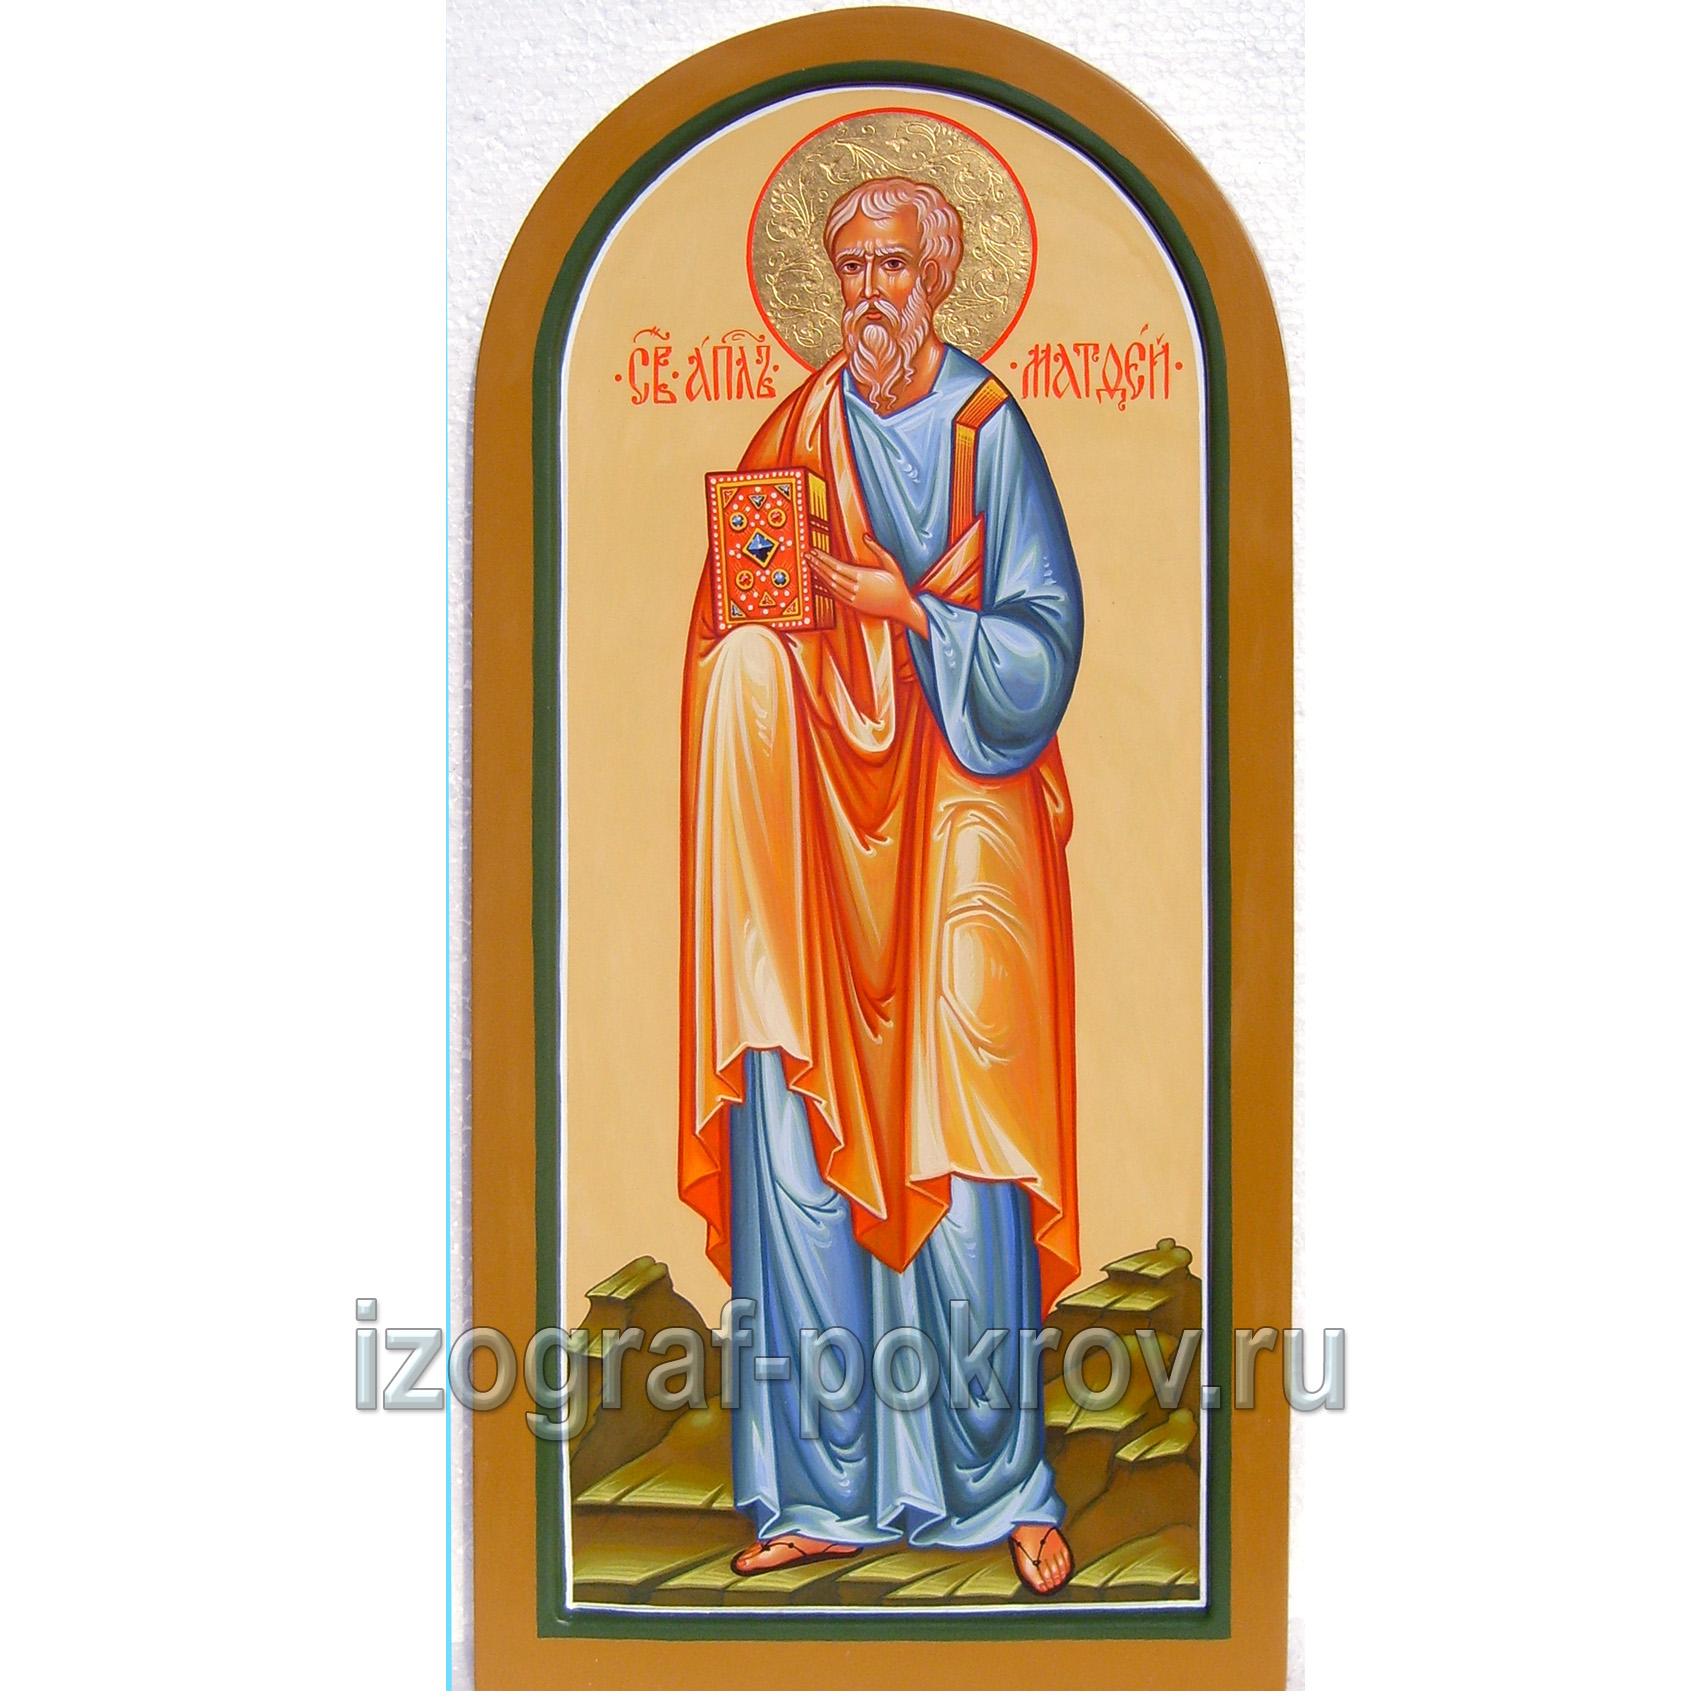 Икона Матфей (Левий) апостол. Иконописная Покров Константиновк